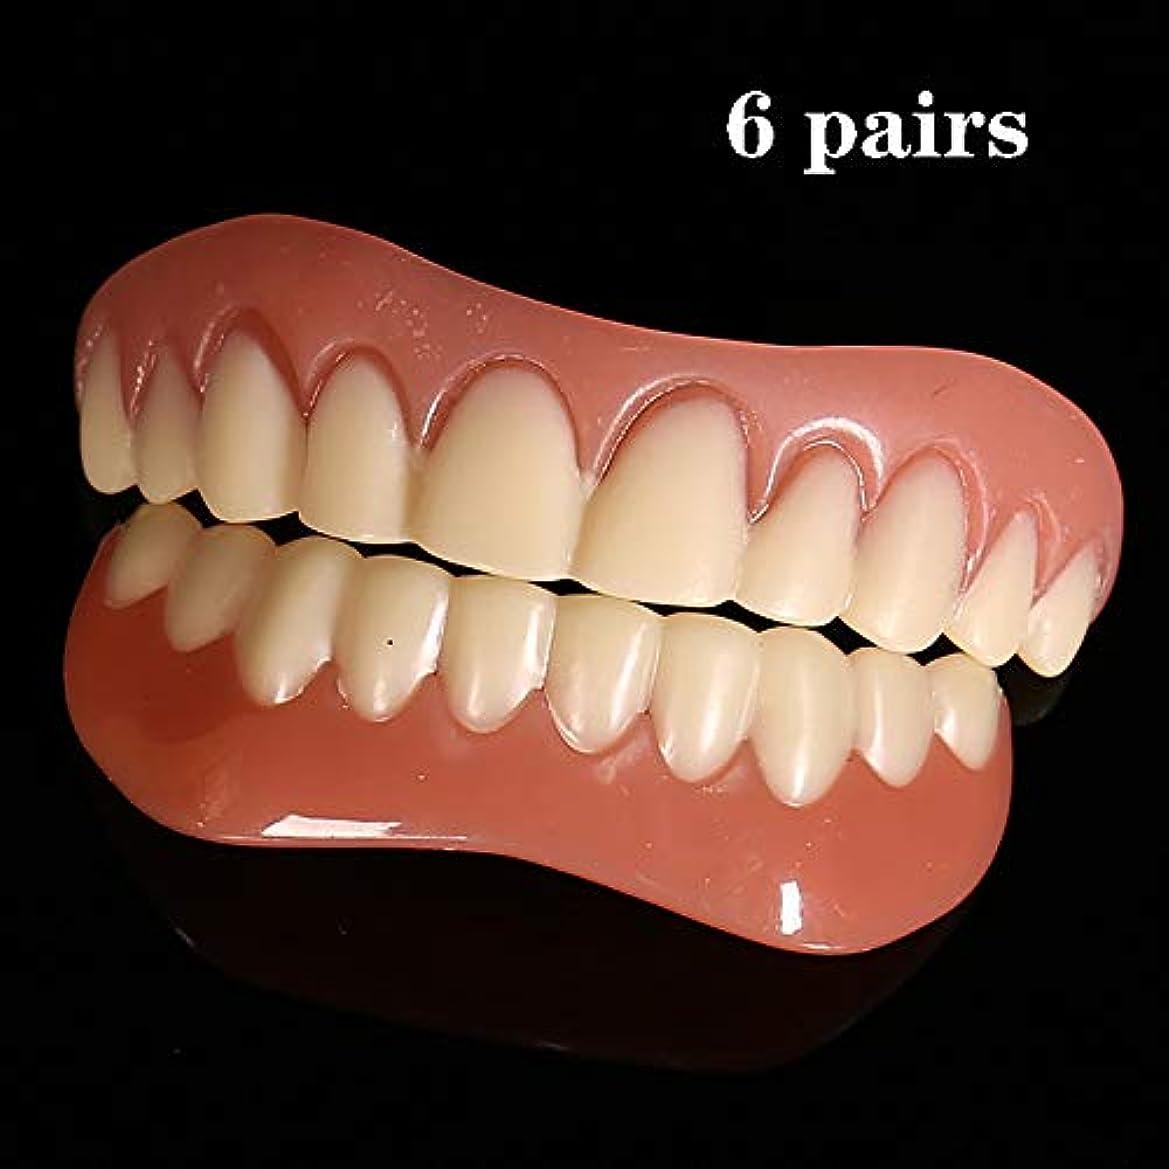 誘導エイリアスエーカー歯突き板化粧品歯スナップオンセキュア6ペア上下の快適さフィット歯突き板安全インスタントスマイル化粧品ワンサイズ